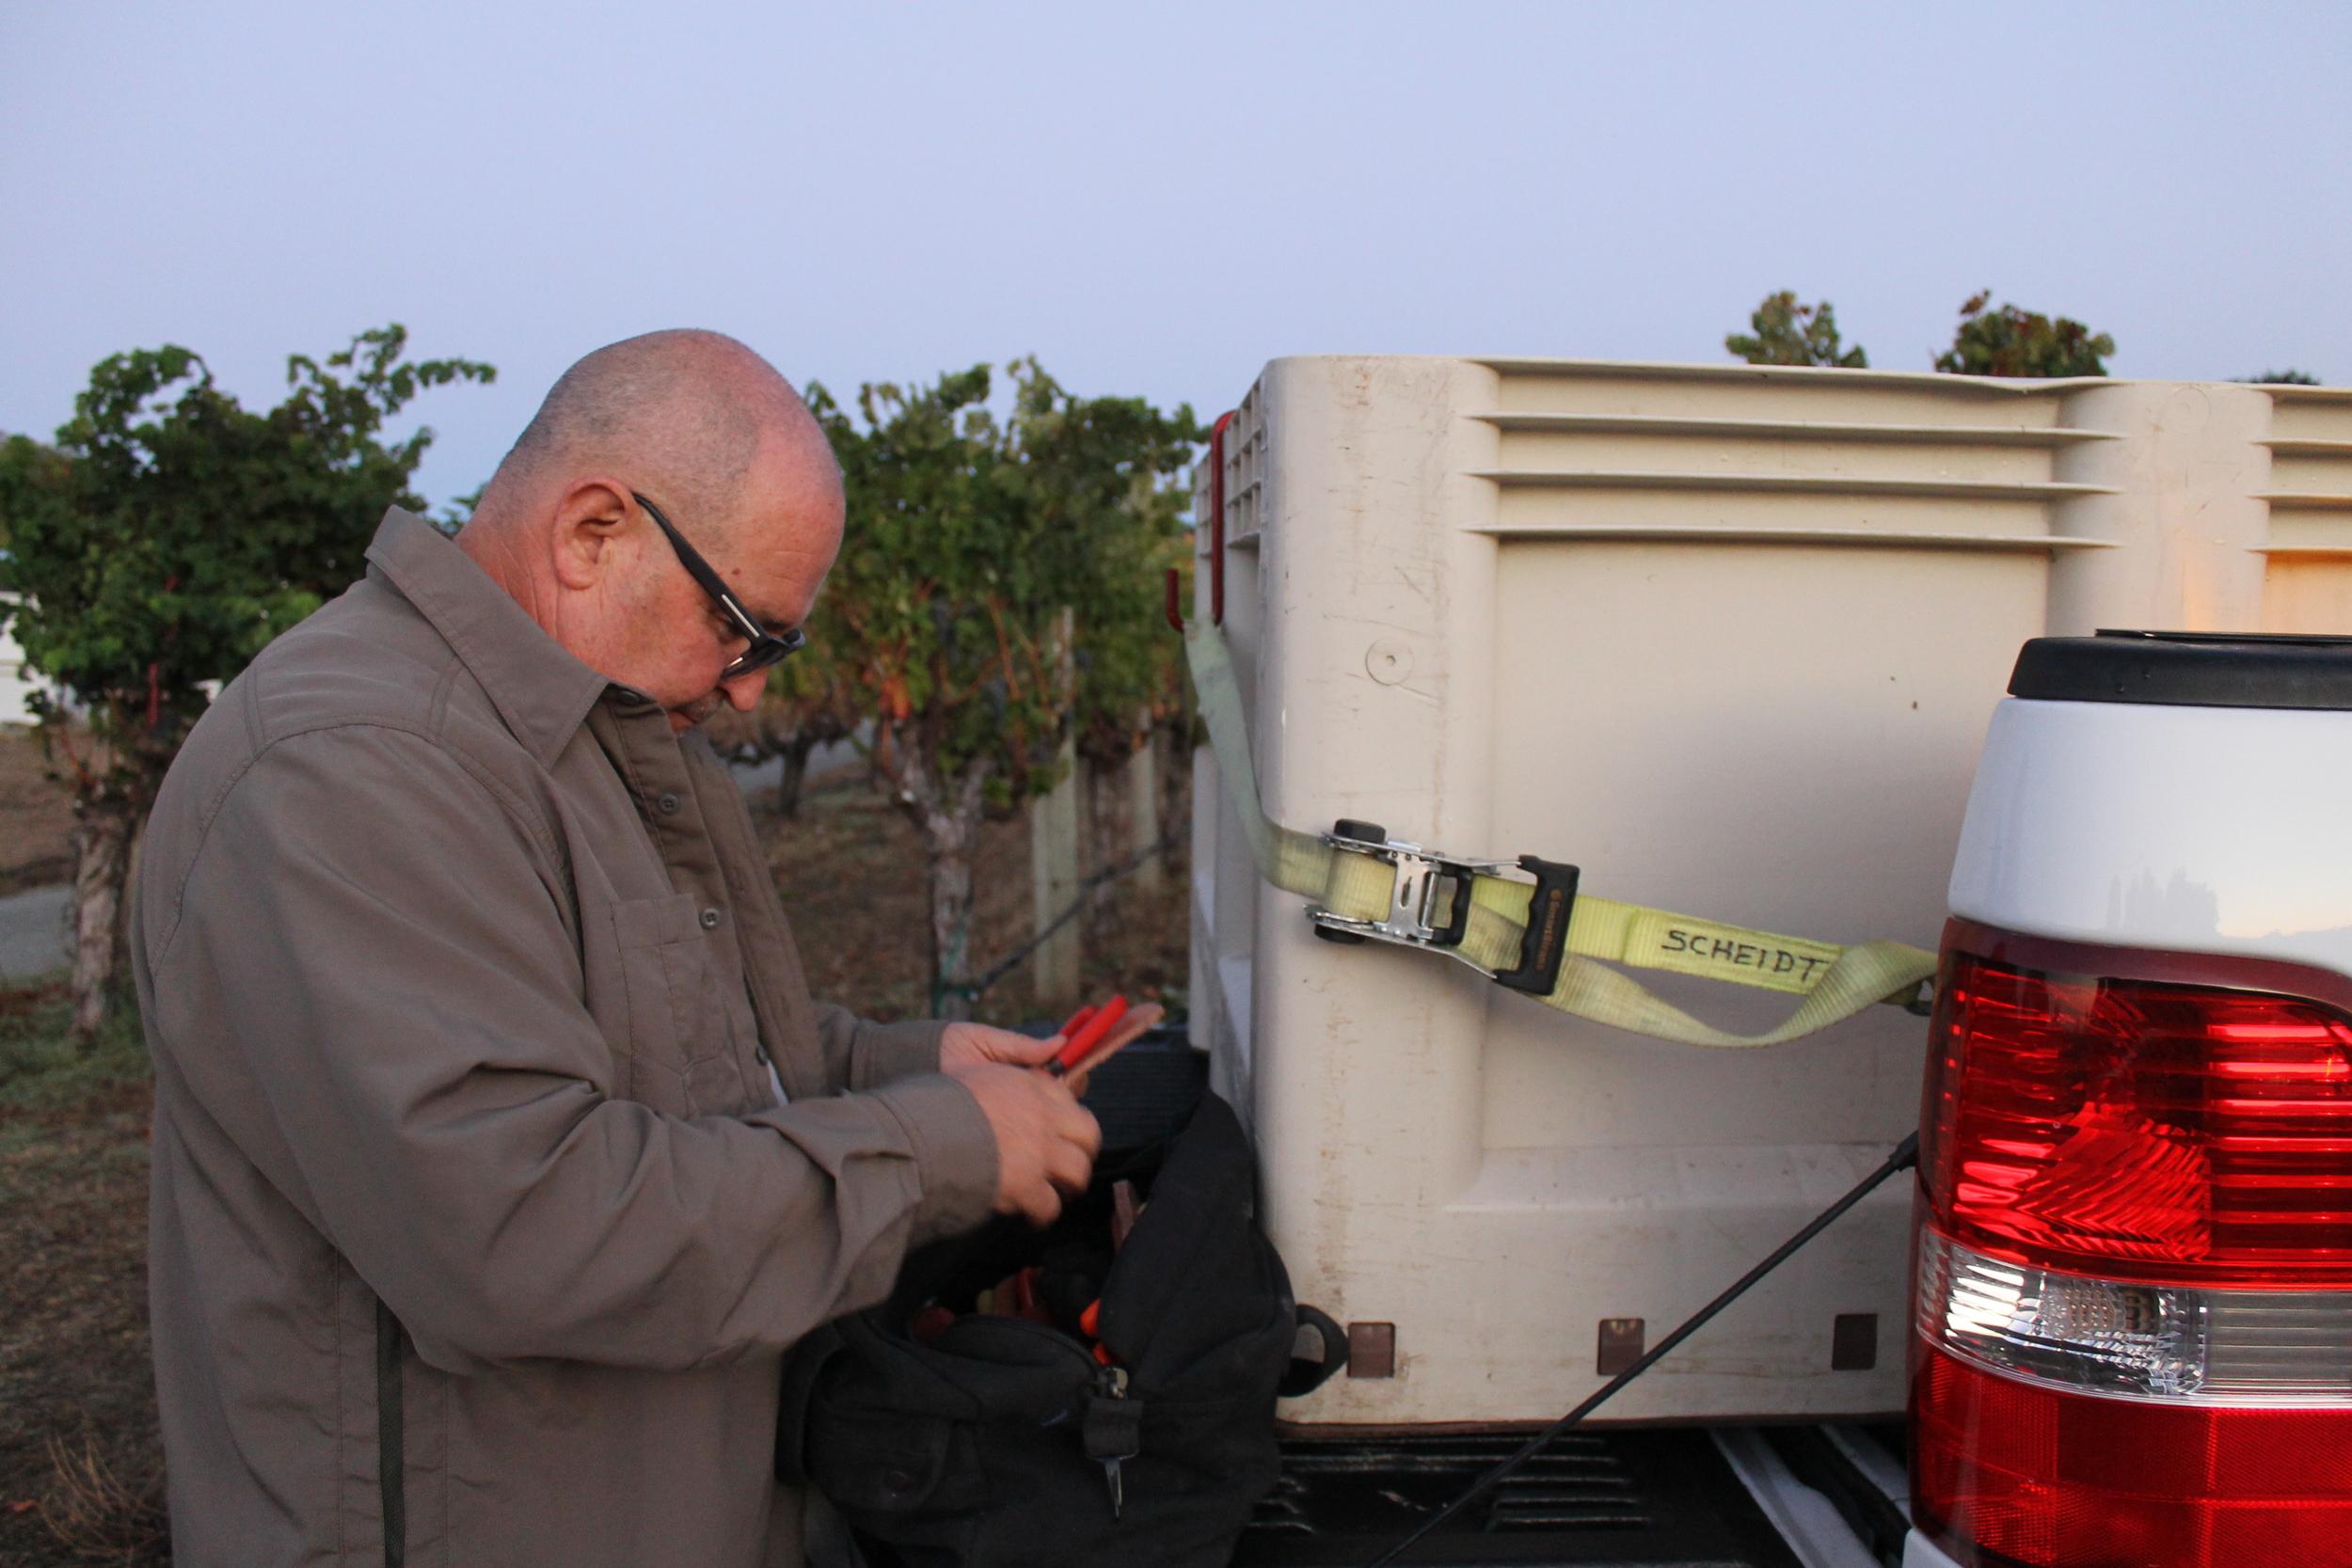 1-T-L securing the bin